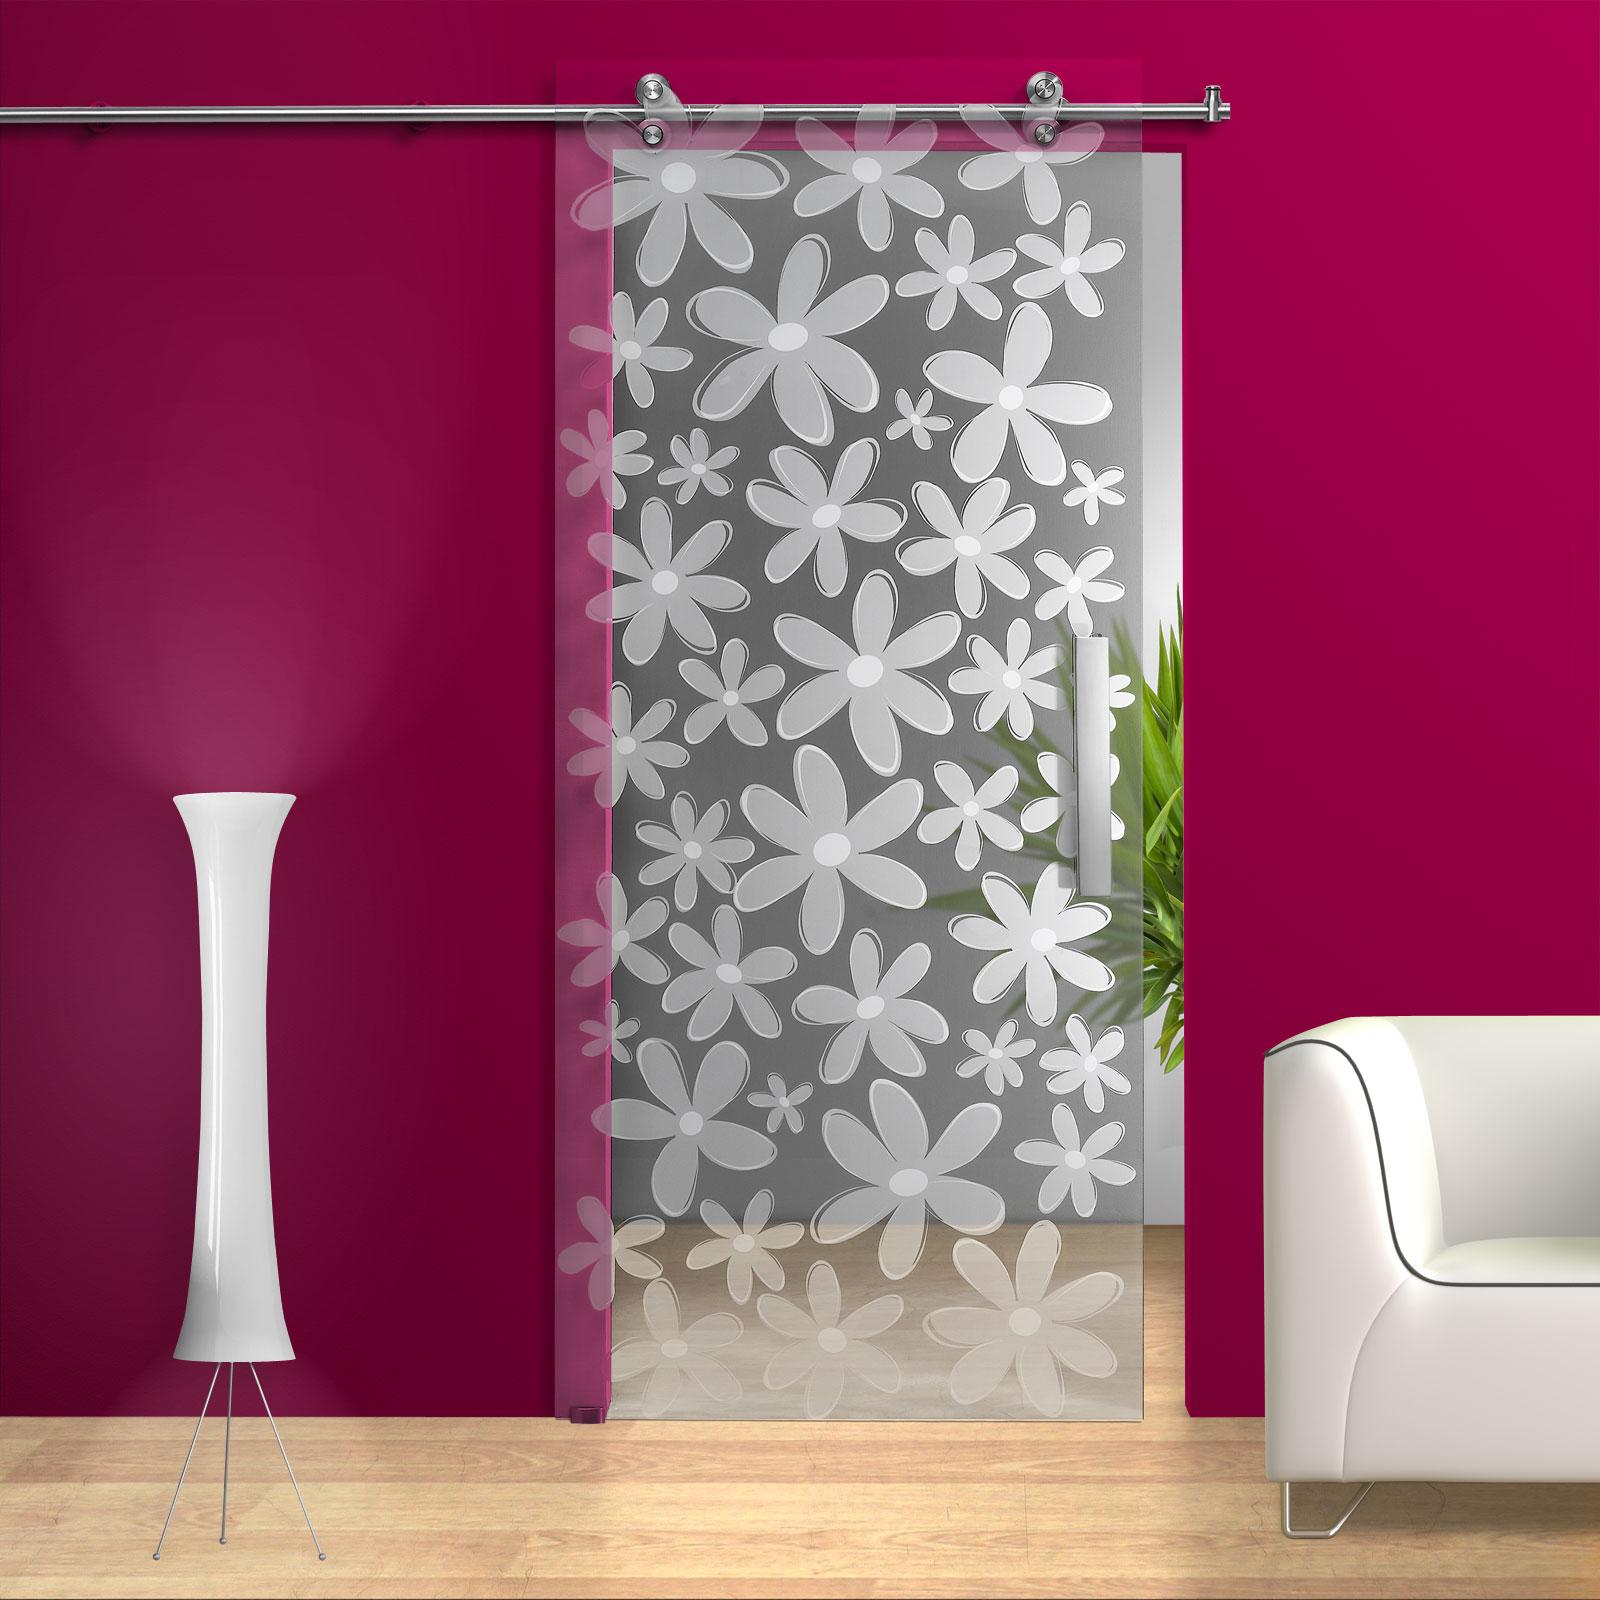 glasschiebet r sd926 v2000 klarglas mit blumendekor und griffstangen edelstahl ebay. Black Bedroom Furniture Sets. Home Design Ideas